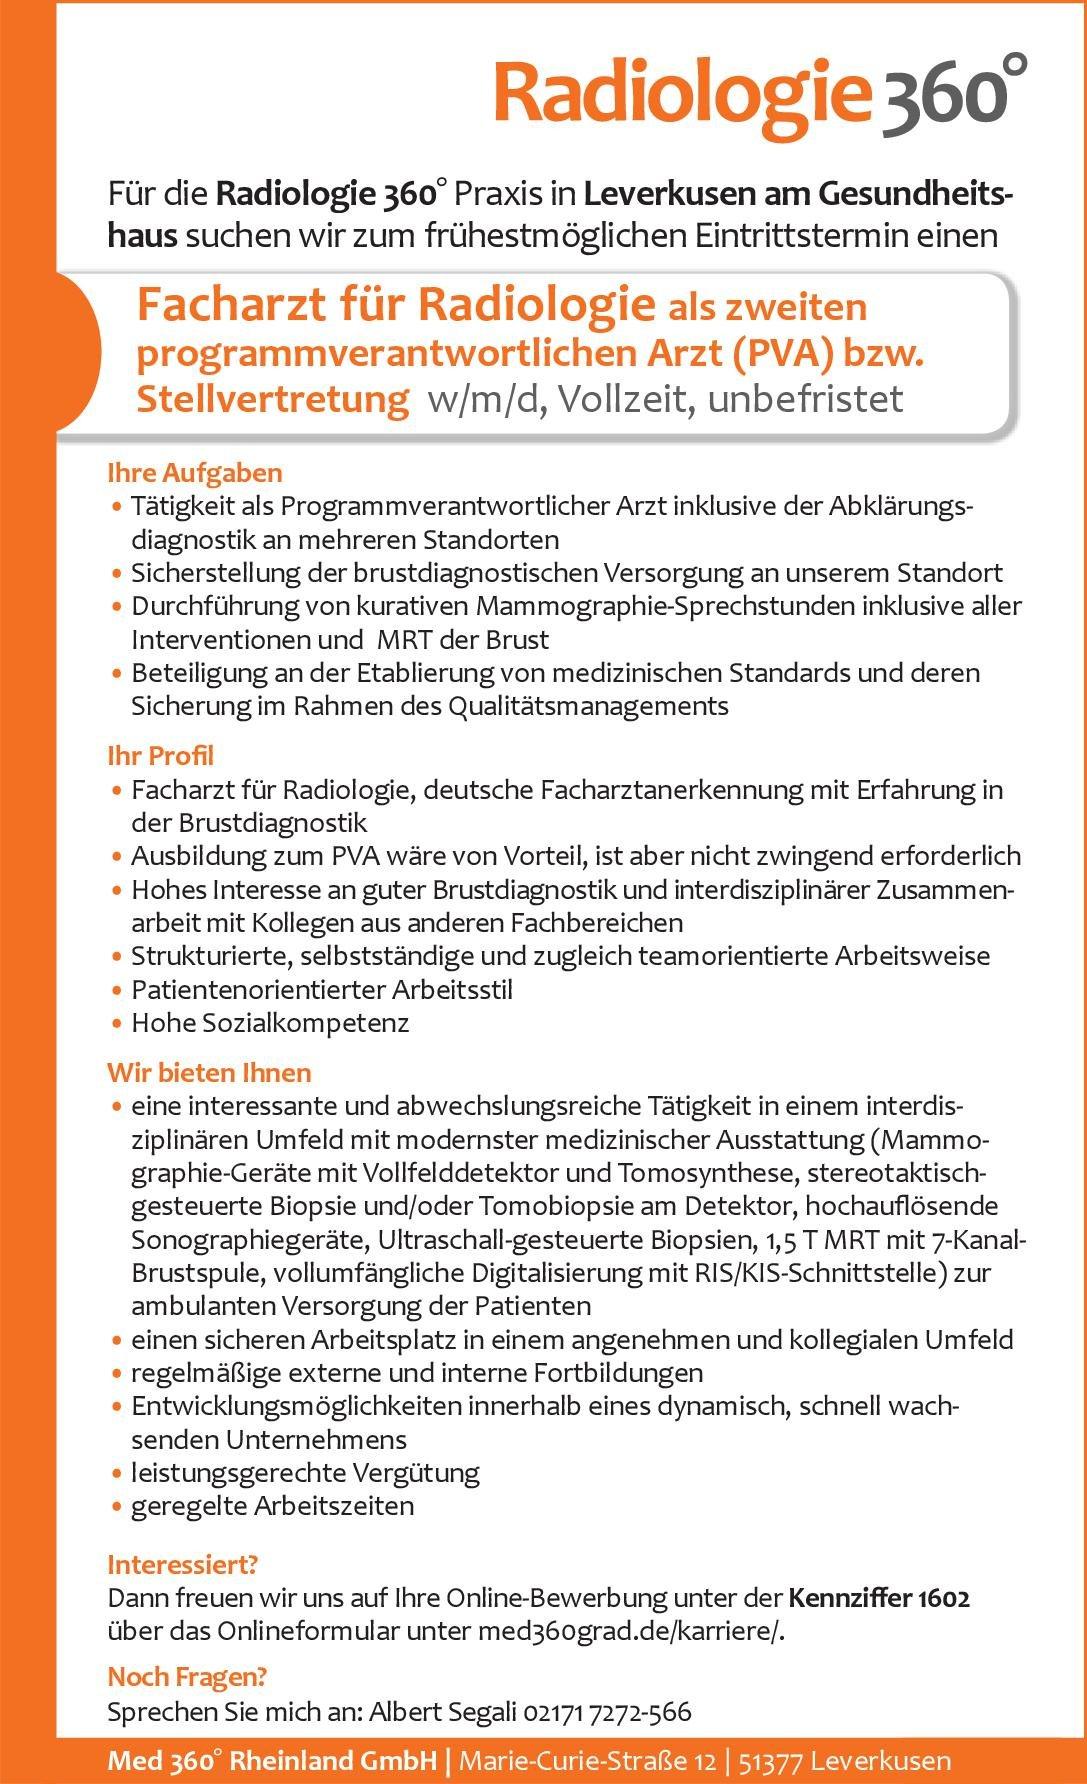 Med 360° Rheinland GmbH Facharzt für Radiologie als zweiten programmverantwortlichen Arzt (PVA) bzw. Stellvertretung w/m/d, Vollzeit, unbefristet  Radiologie, Radiologie Arzt / Facharzt